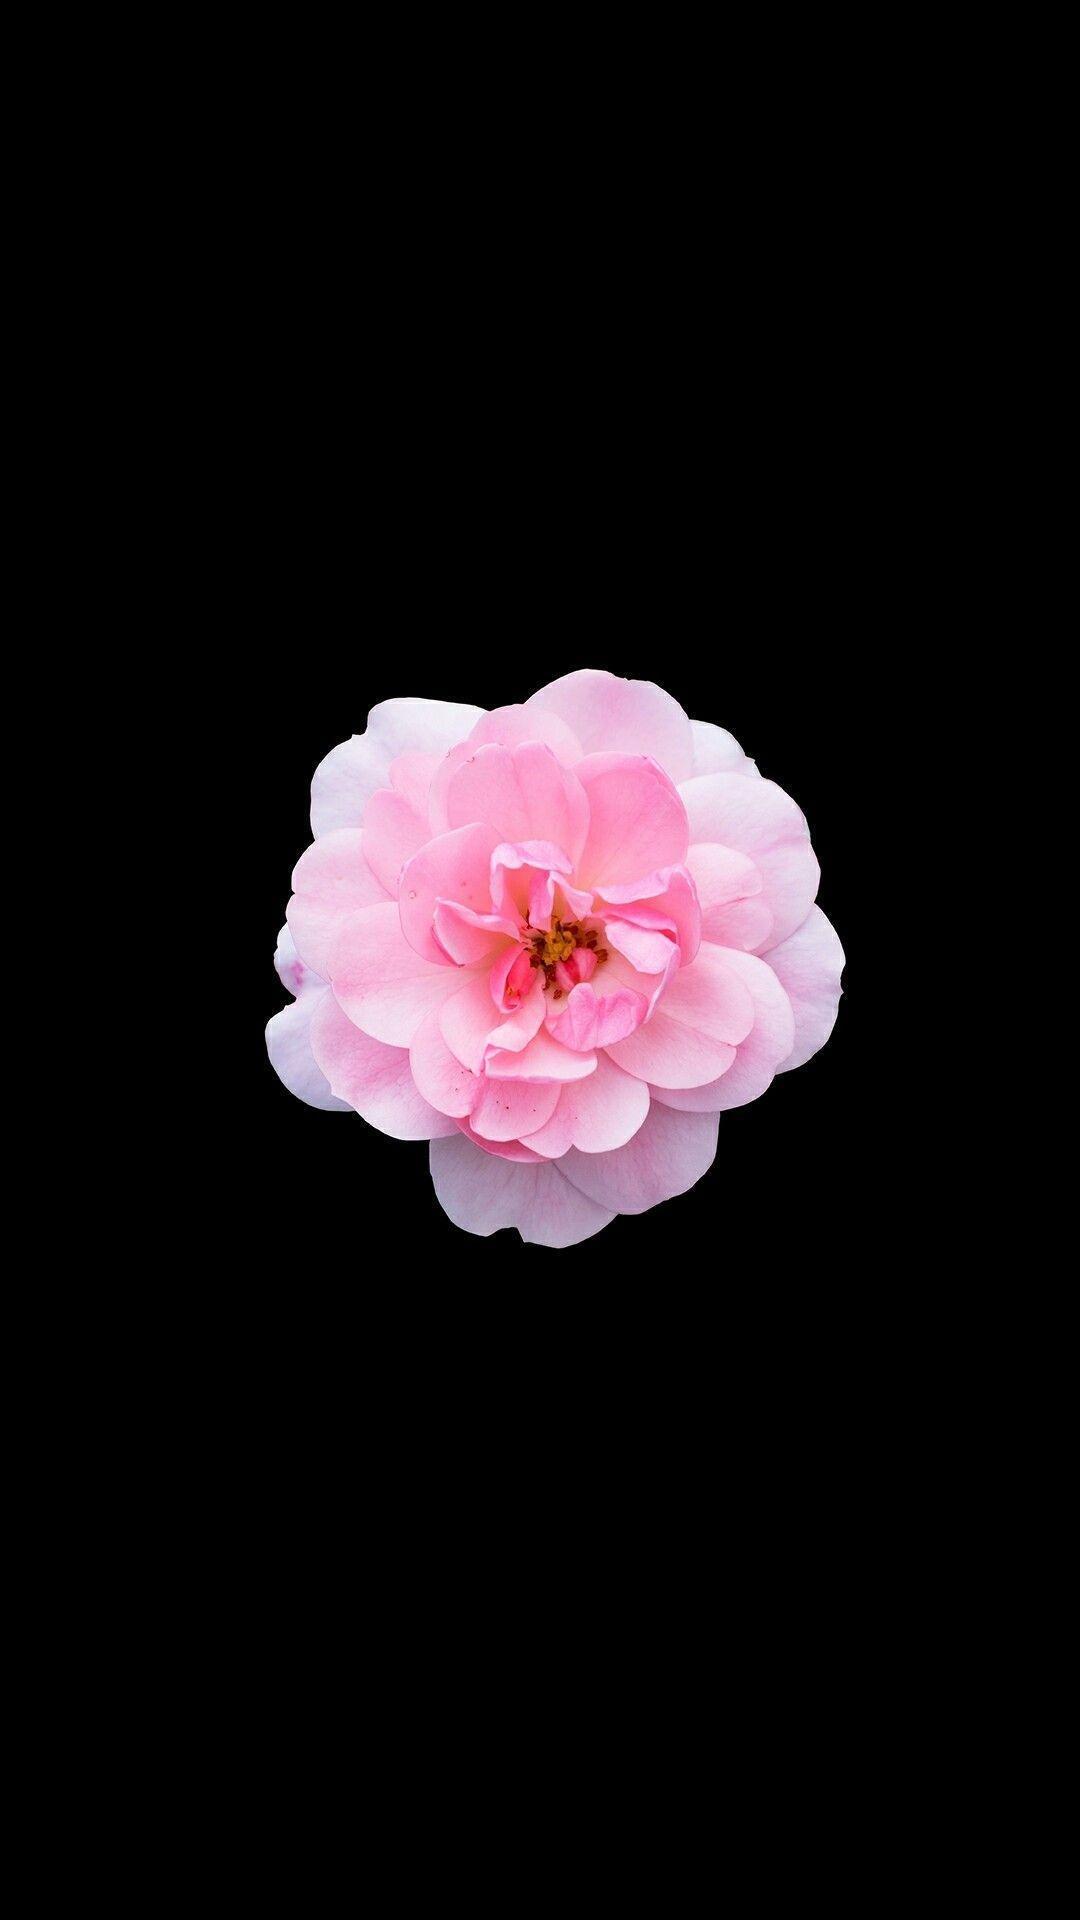 картинки цветка как на айфоне они